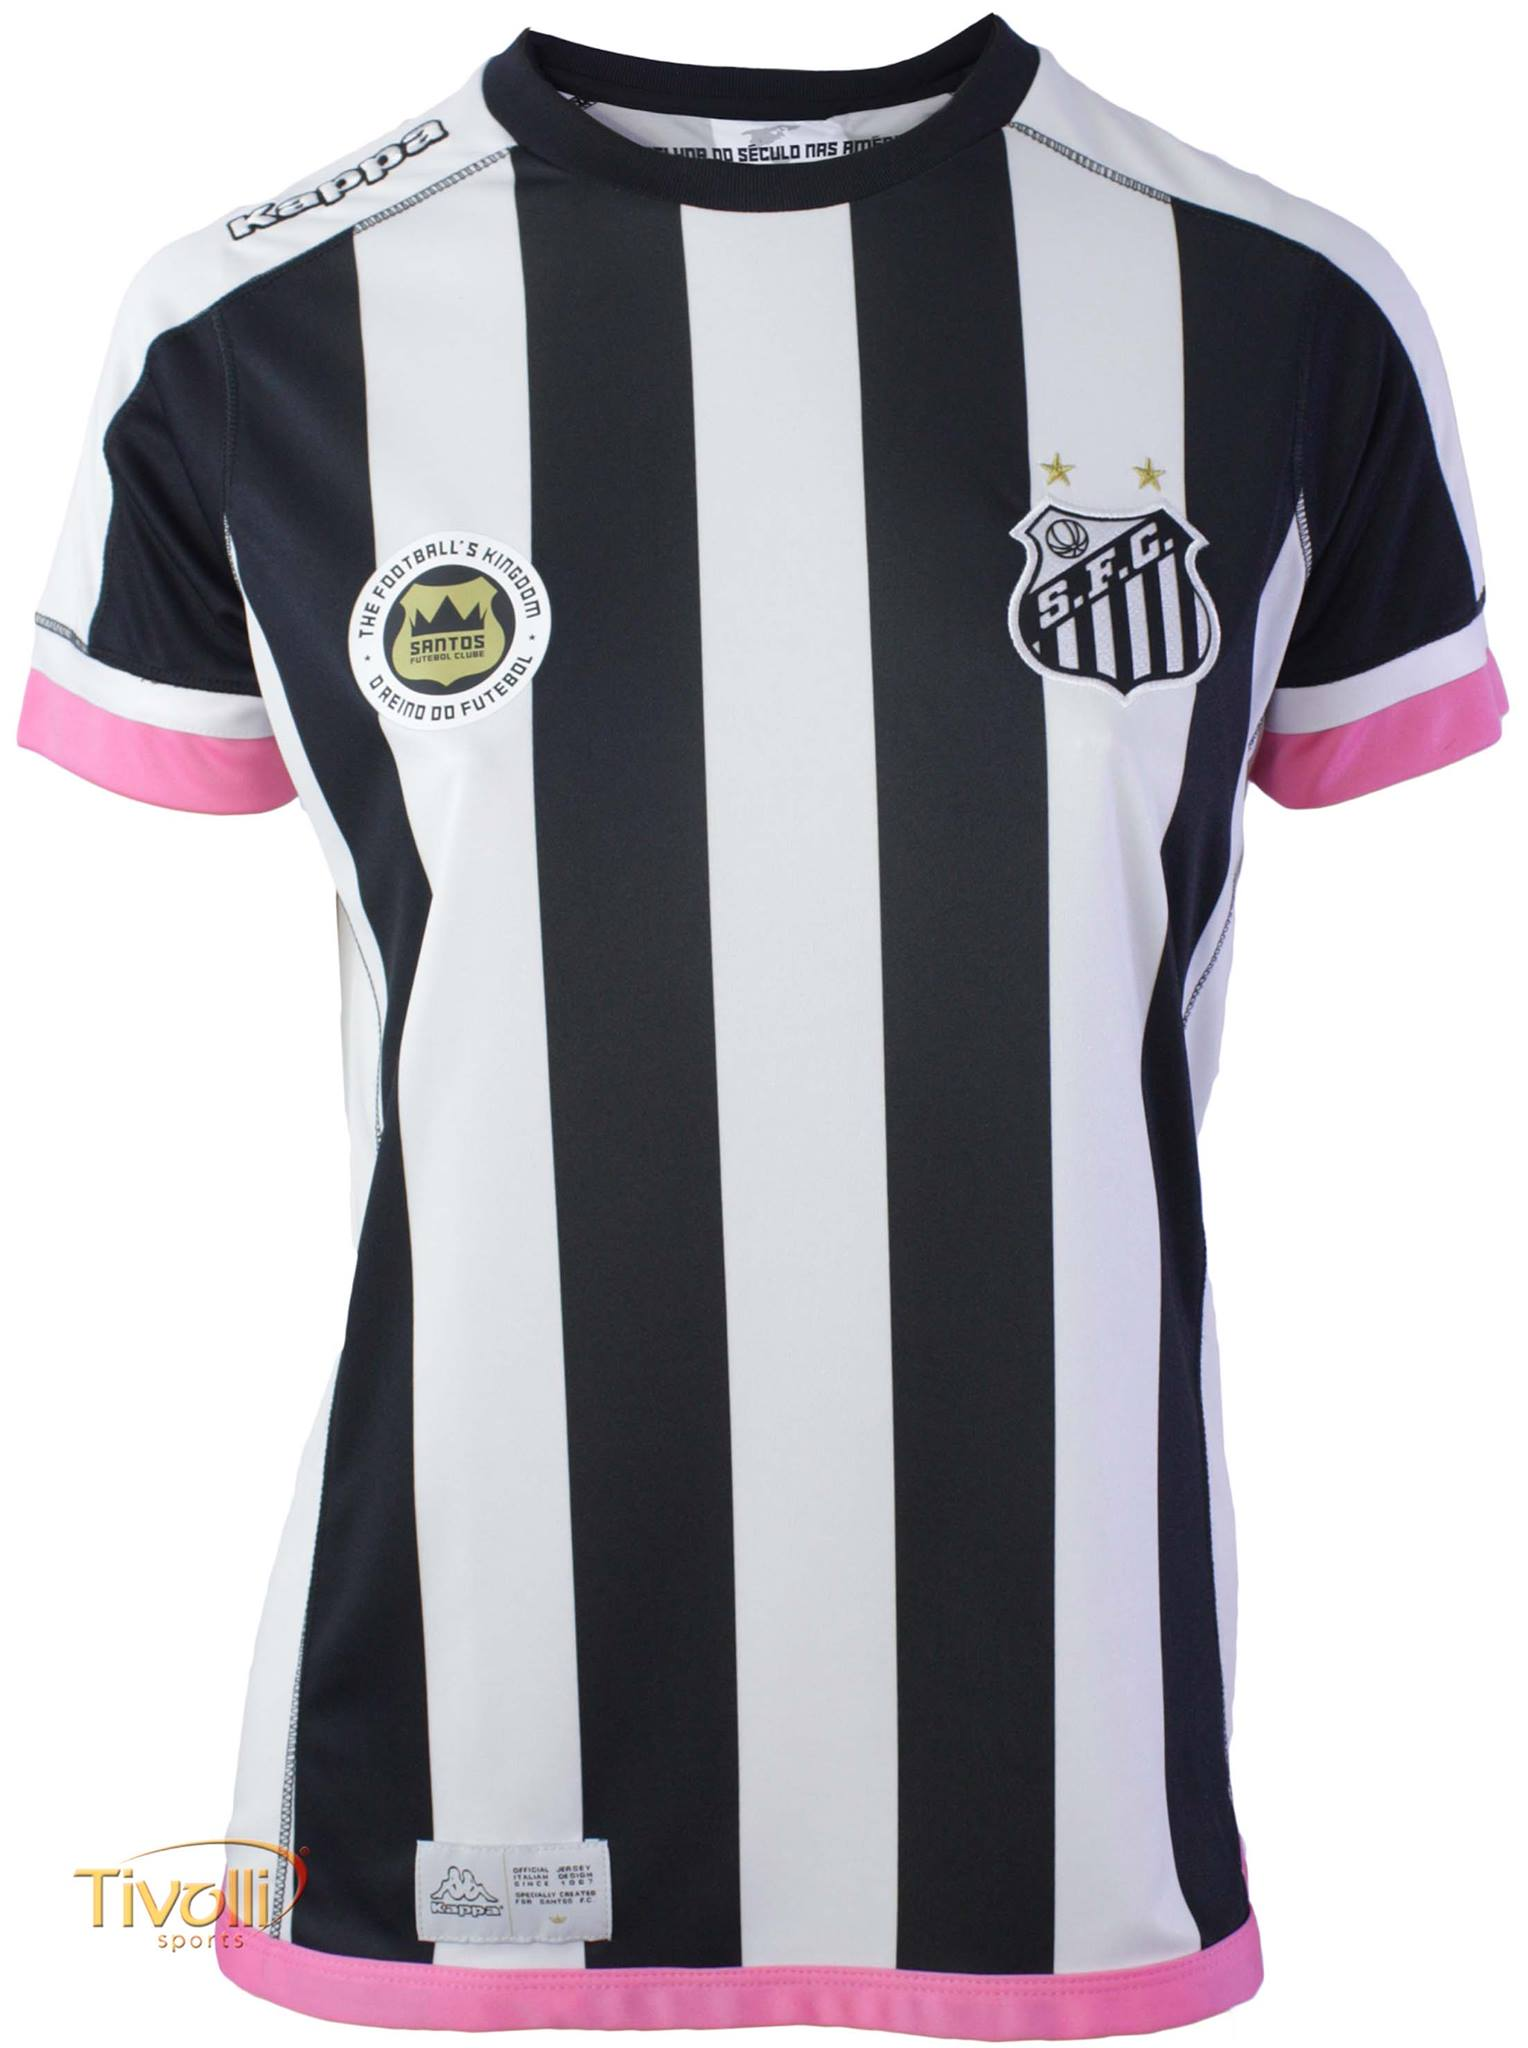 72d309c46e472 Camisa Santos II Away 2017 18 Feminina Kappa   - Mega Saldão